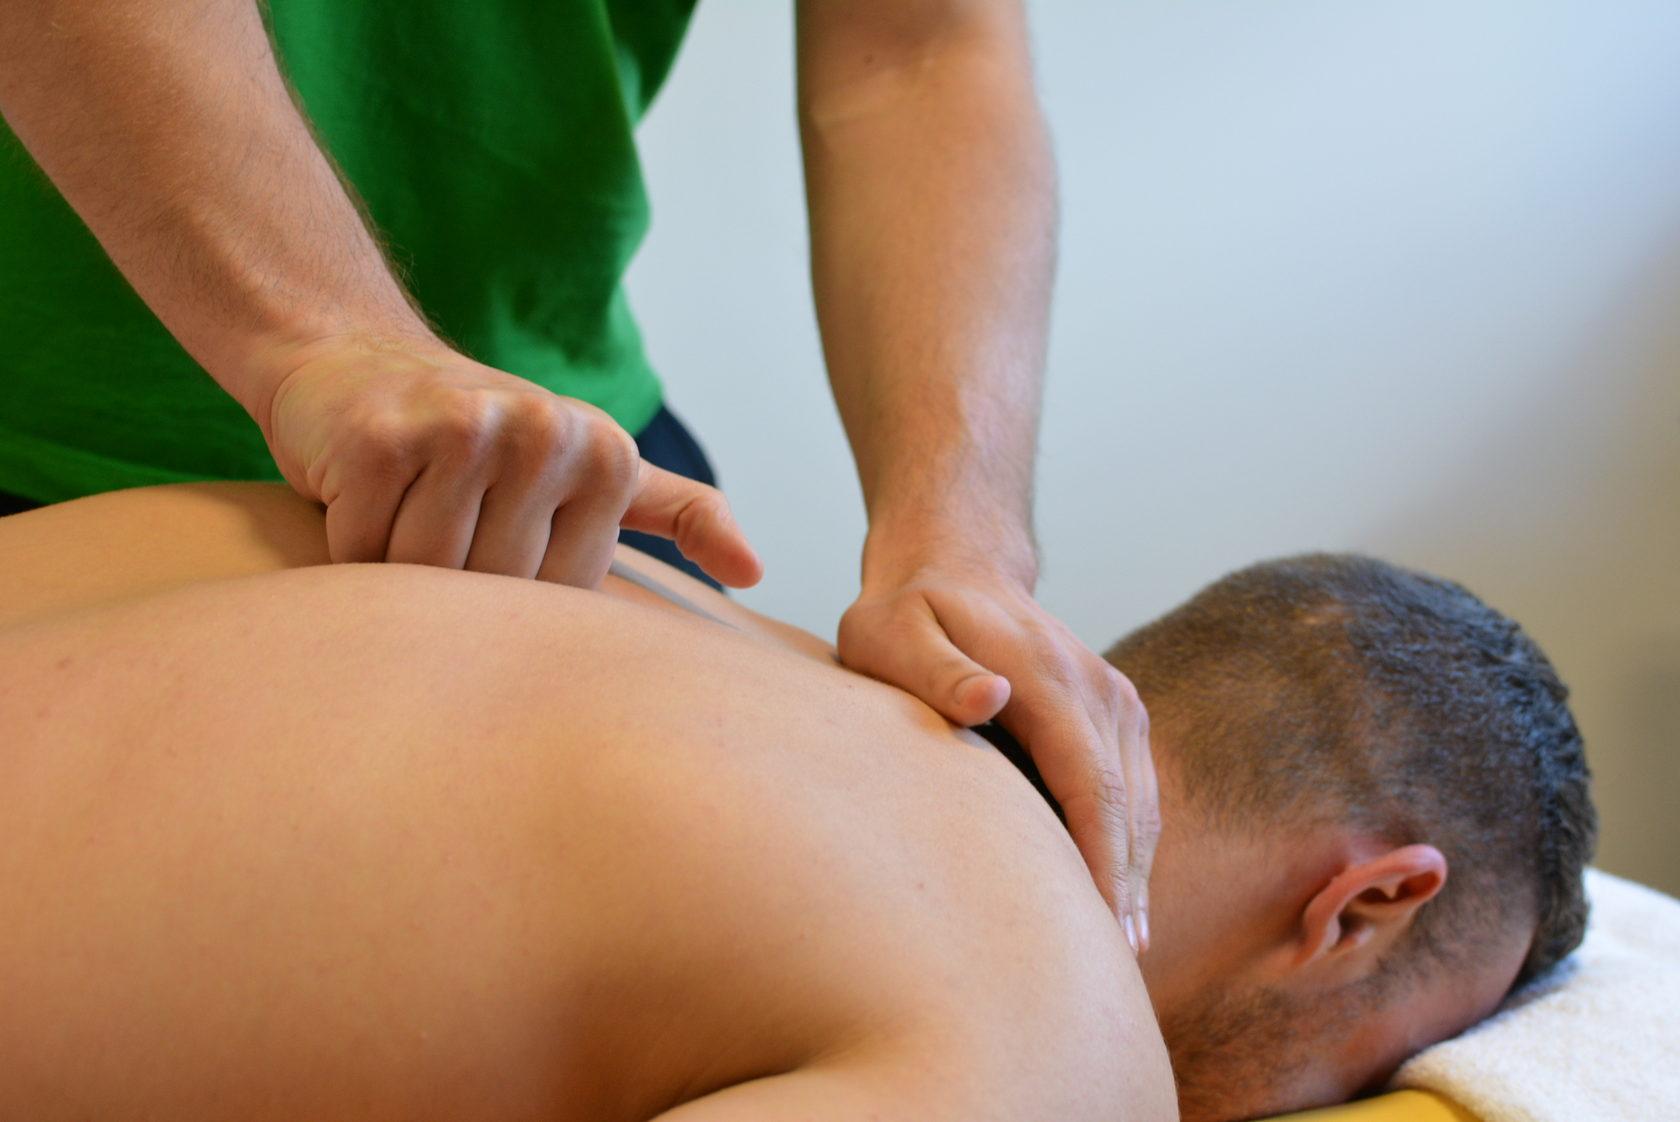 Как сделать массаж парню на спине видео, жестко оттрахали пока пьяная